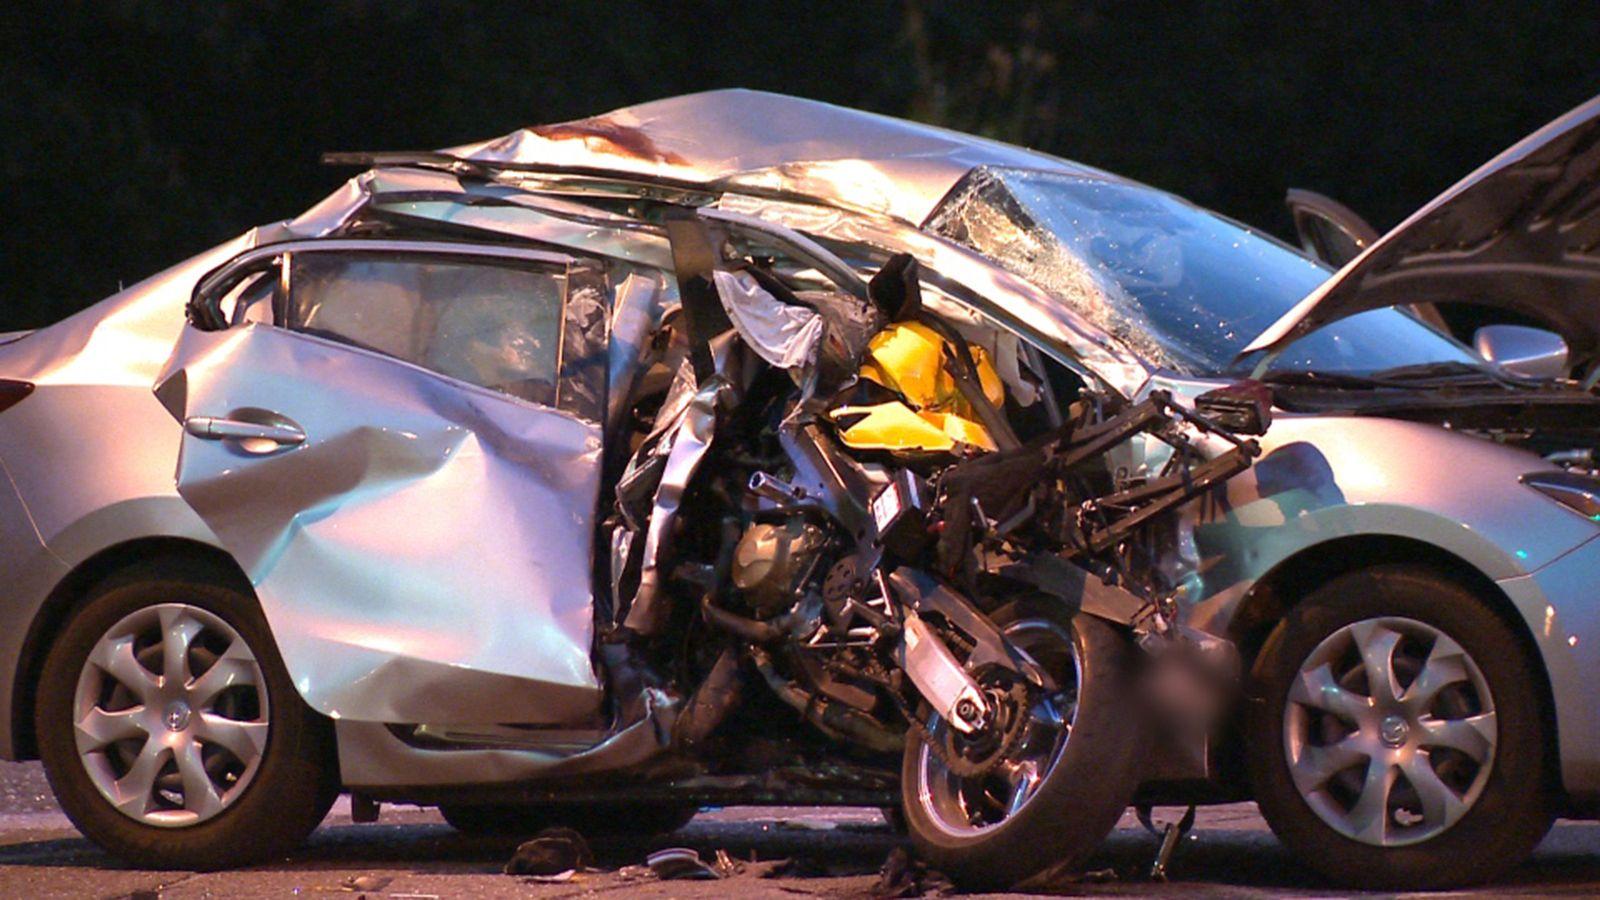 Οι οδηγοί αυτοκινήτων «ξεχνούν» ότι μας είδαν! Motorcycle_accident_survey_2592019